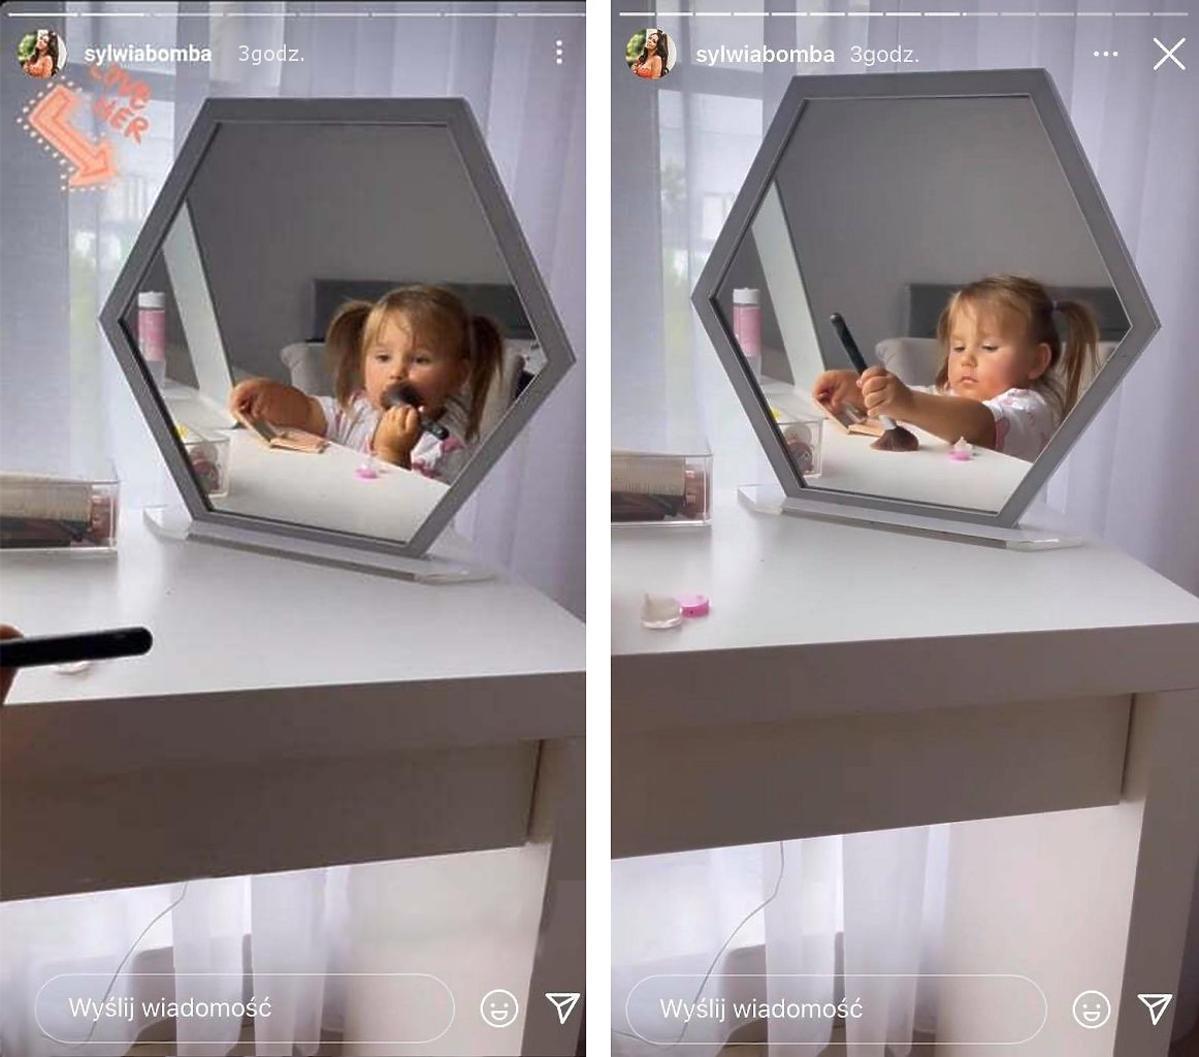 Dwuletnia córka Sylwii Bomby maluje się kosmetykami mamy